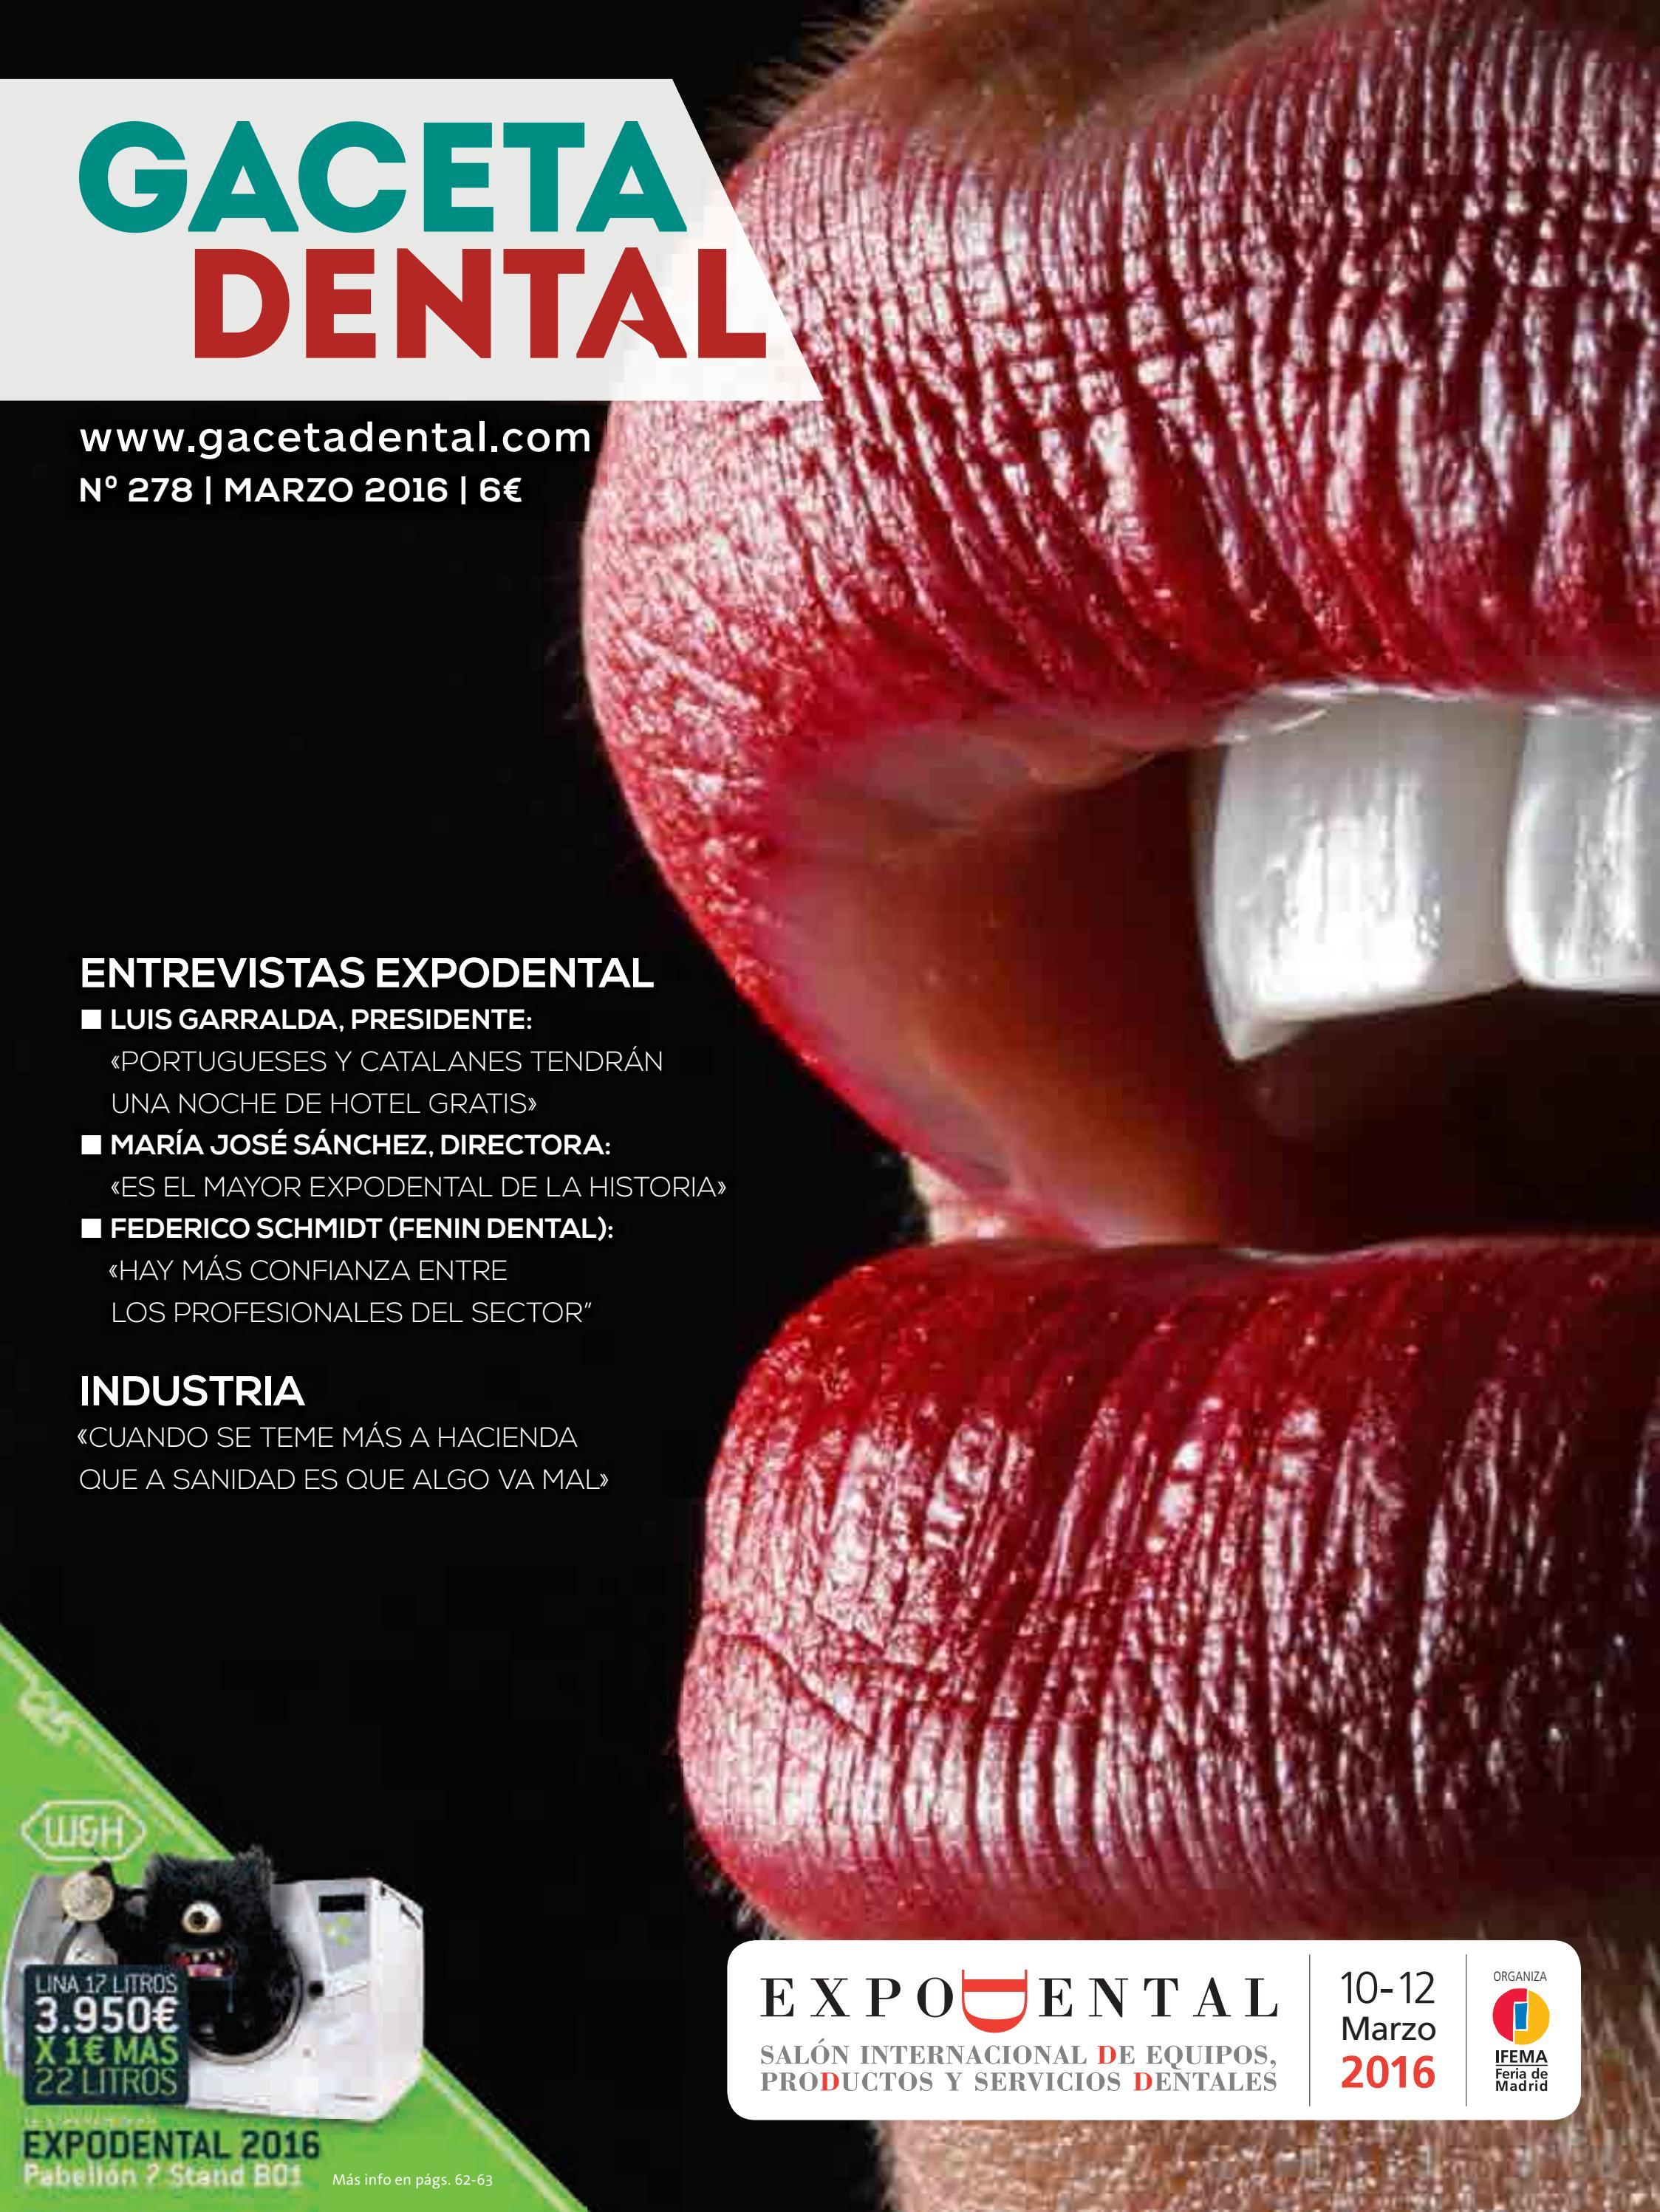 Gaceta Dental - 278 by Peldaño - issuu